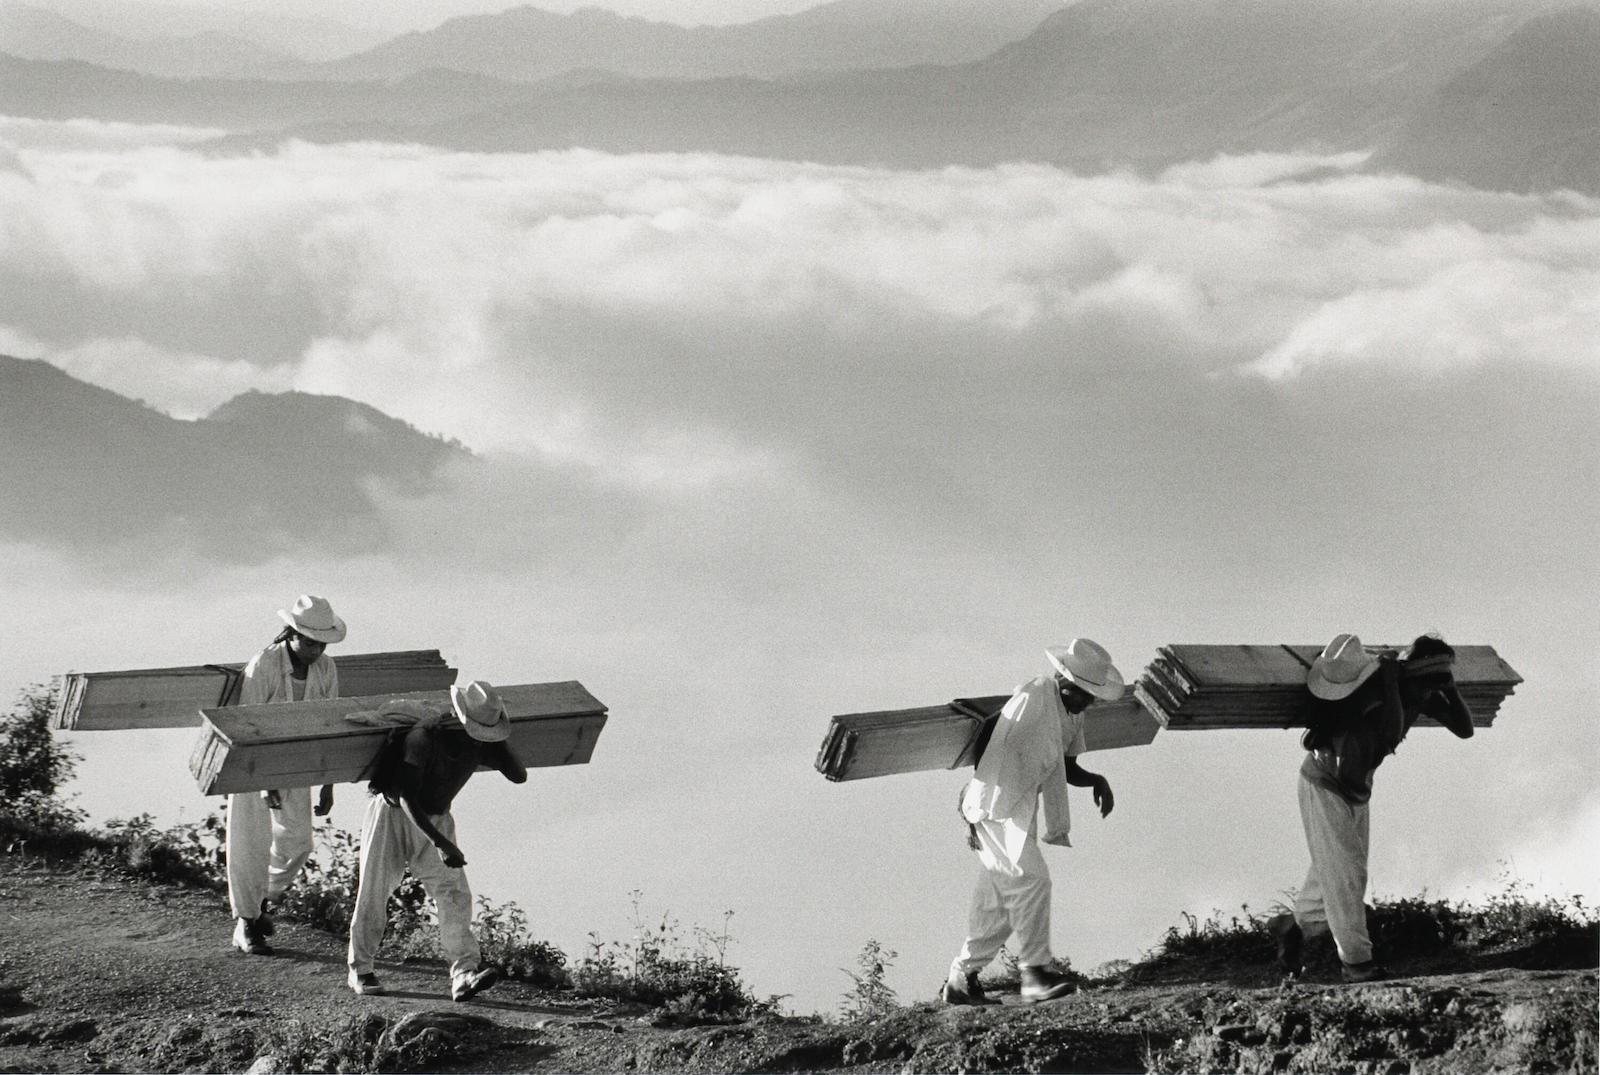 Восточная Сьерра-Мадре, Мексика, 1980. Автор Себастьян Сальгадо